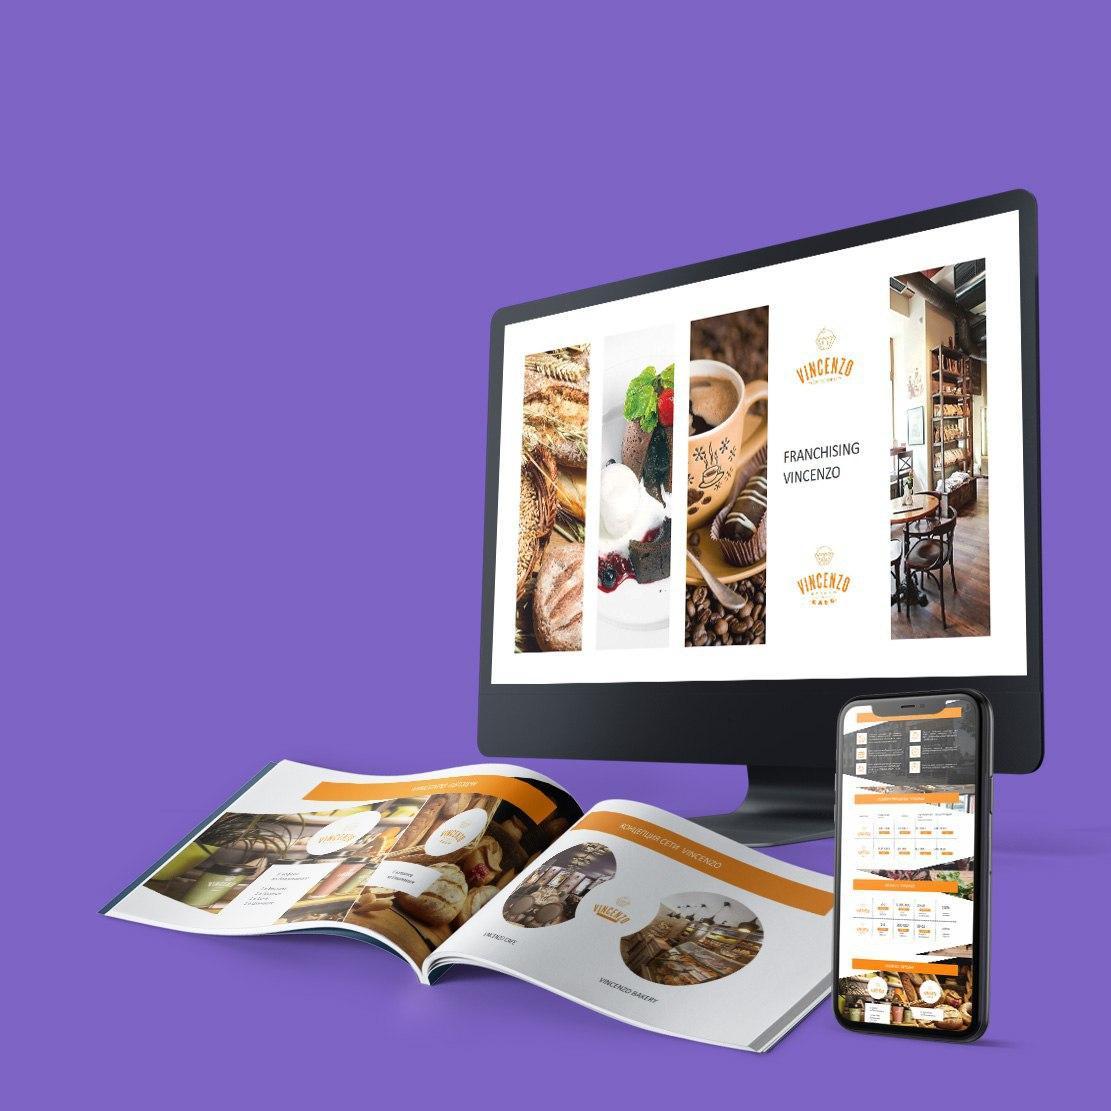 Презентация для франчайзинговой сети кафе Vincenzo